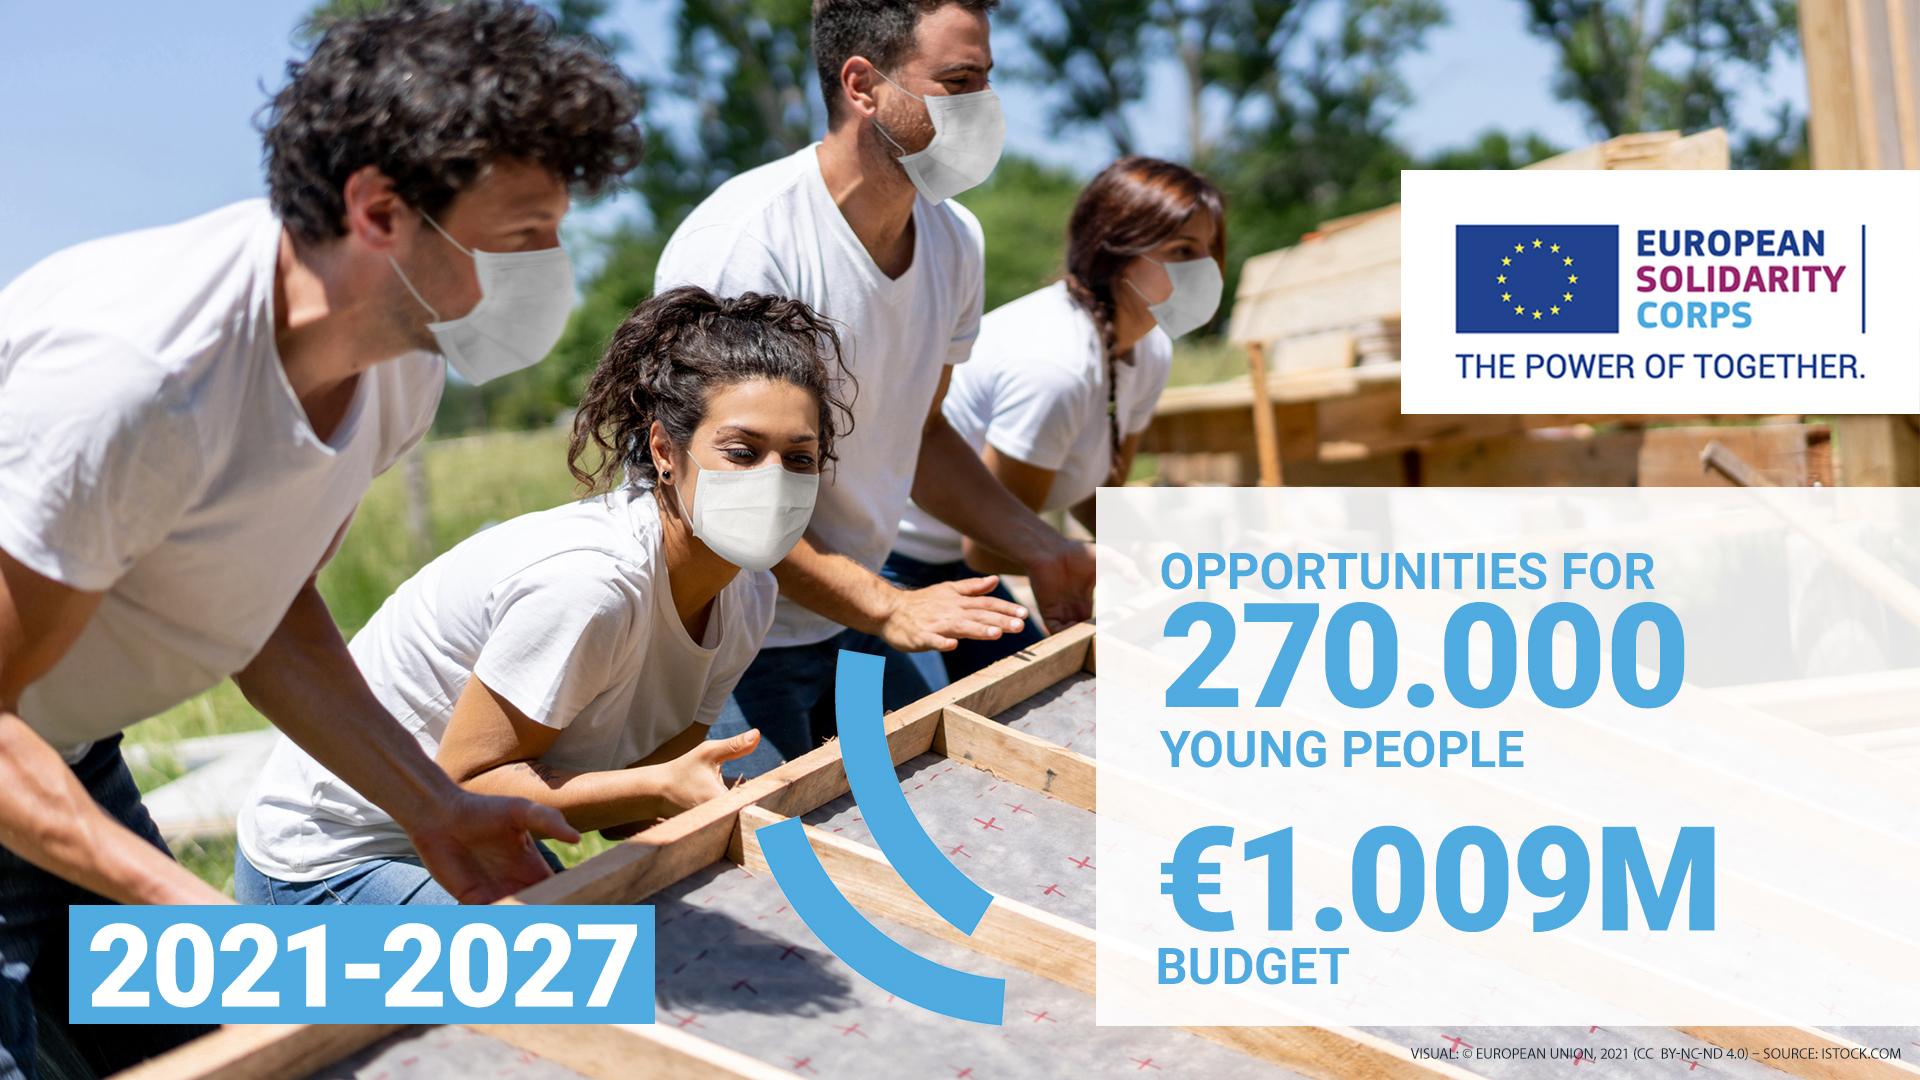 Ilustracja do informacji: Europejski Korpus Solidarności 2021-27: pierwsze zaproszenie do składania wniosków dotyczących wsparcia działań wolontariackich młodzieży